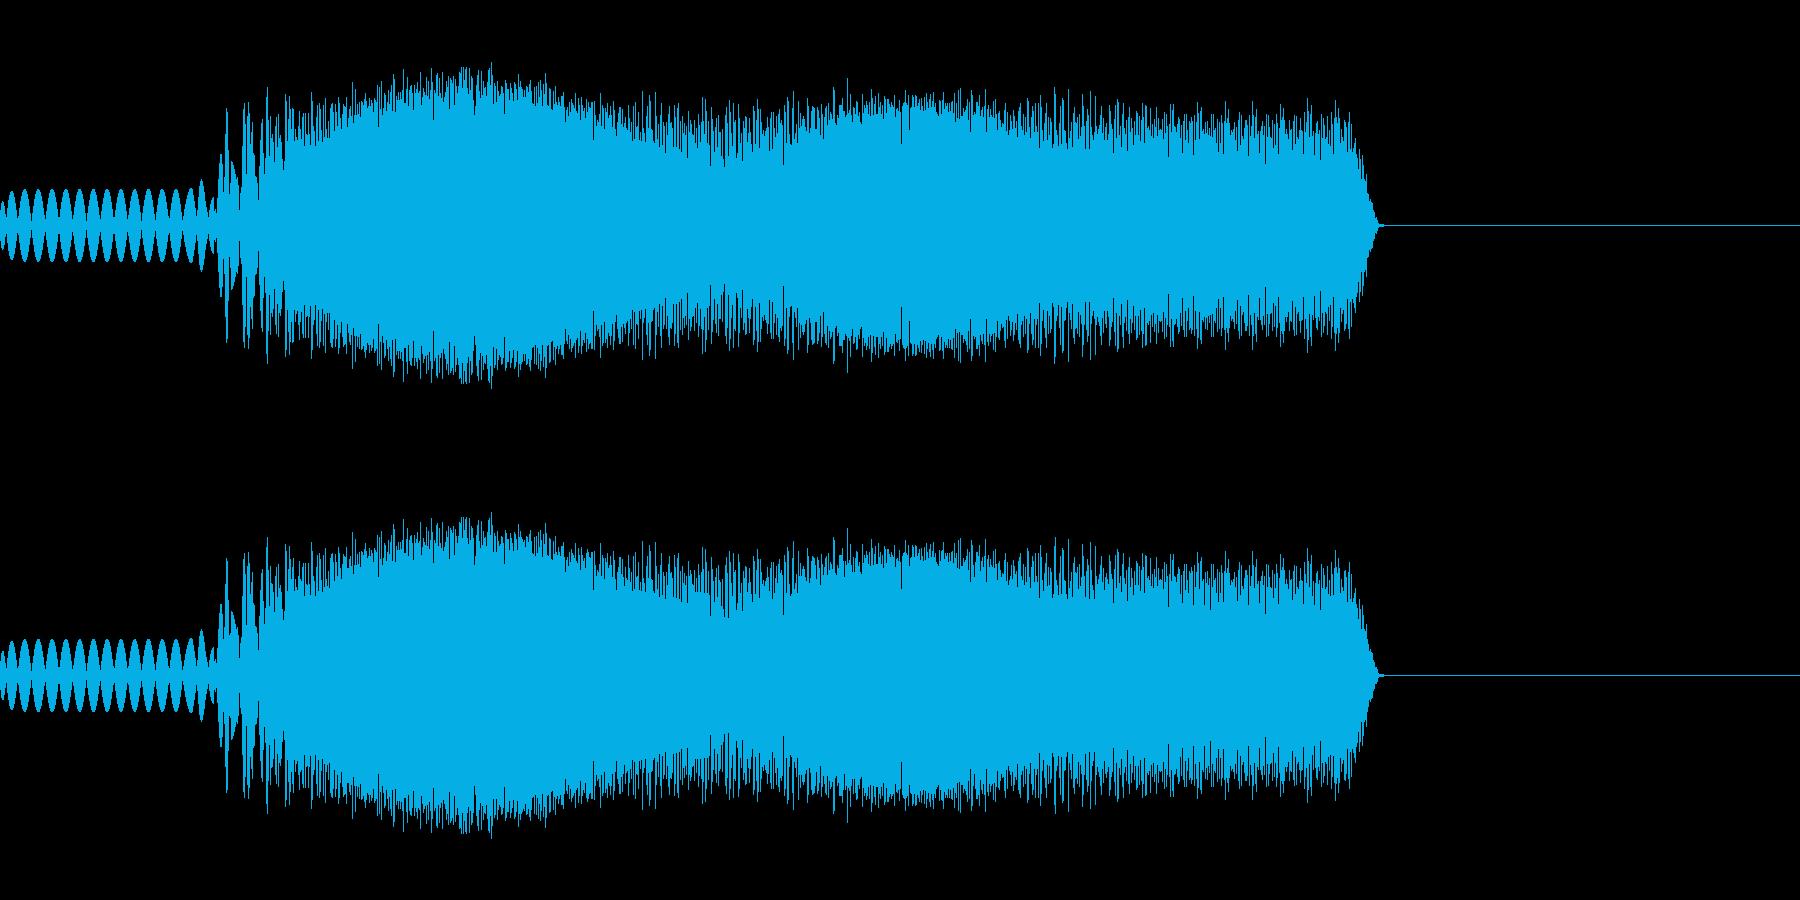 ヴァうわう(ロボットがしゃべる)の再生済みの波形